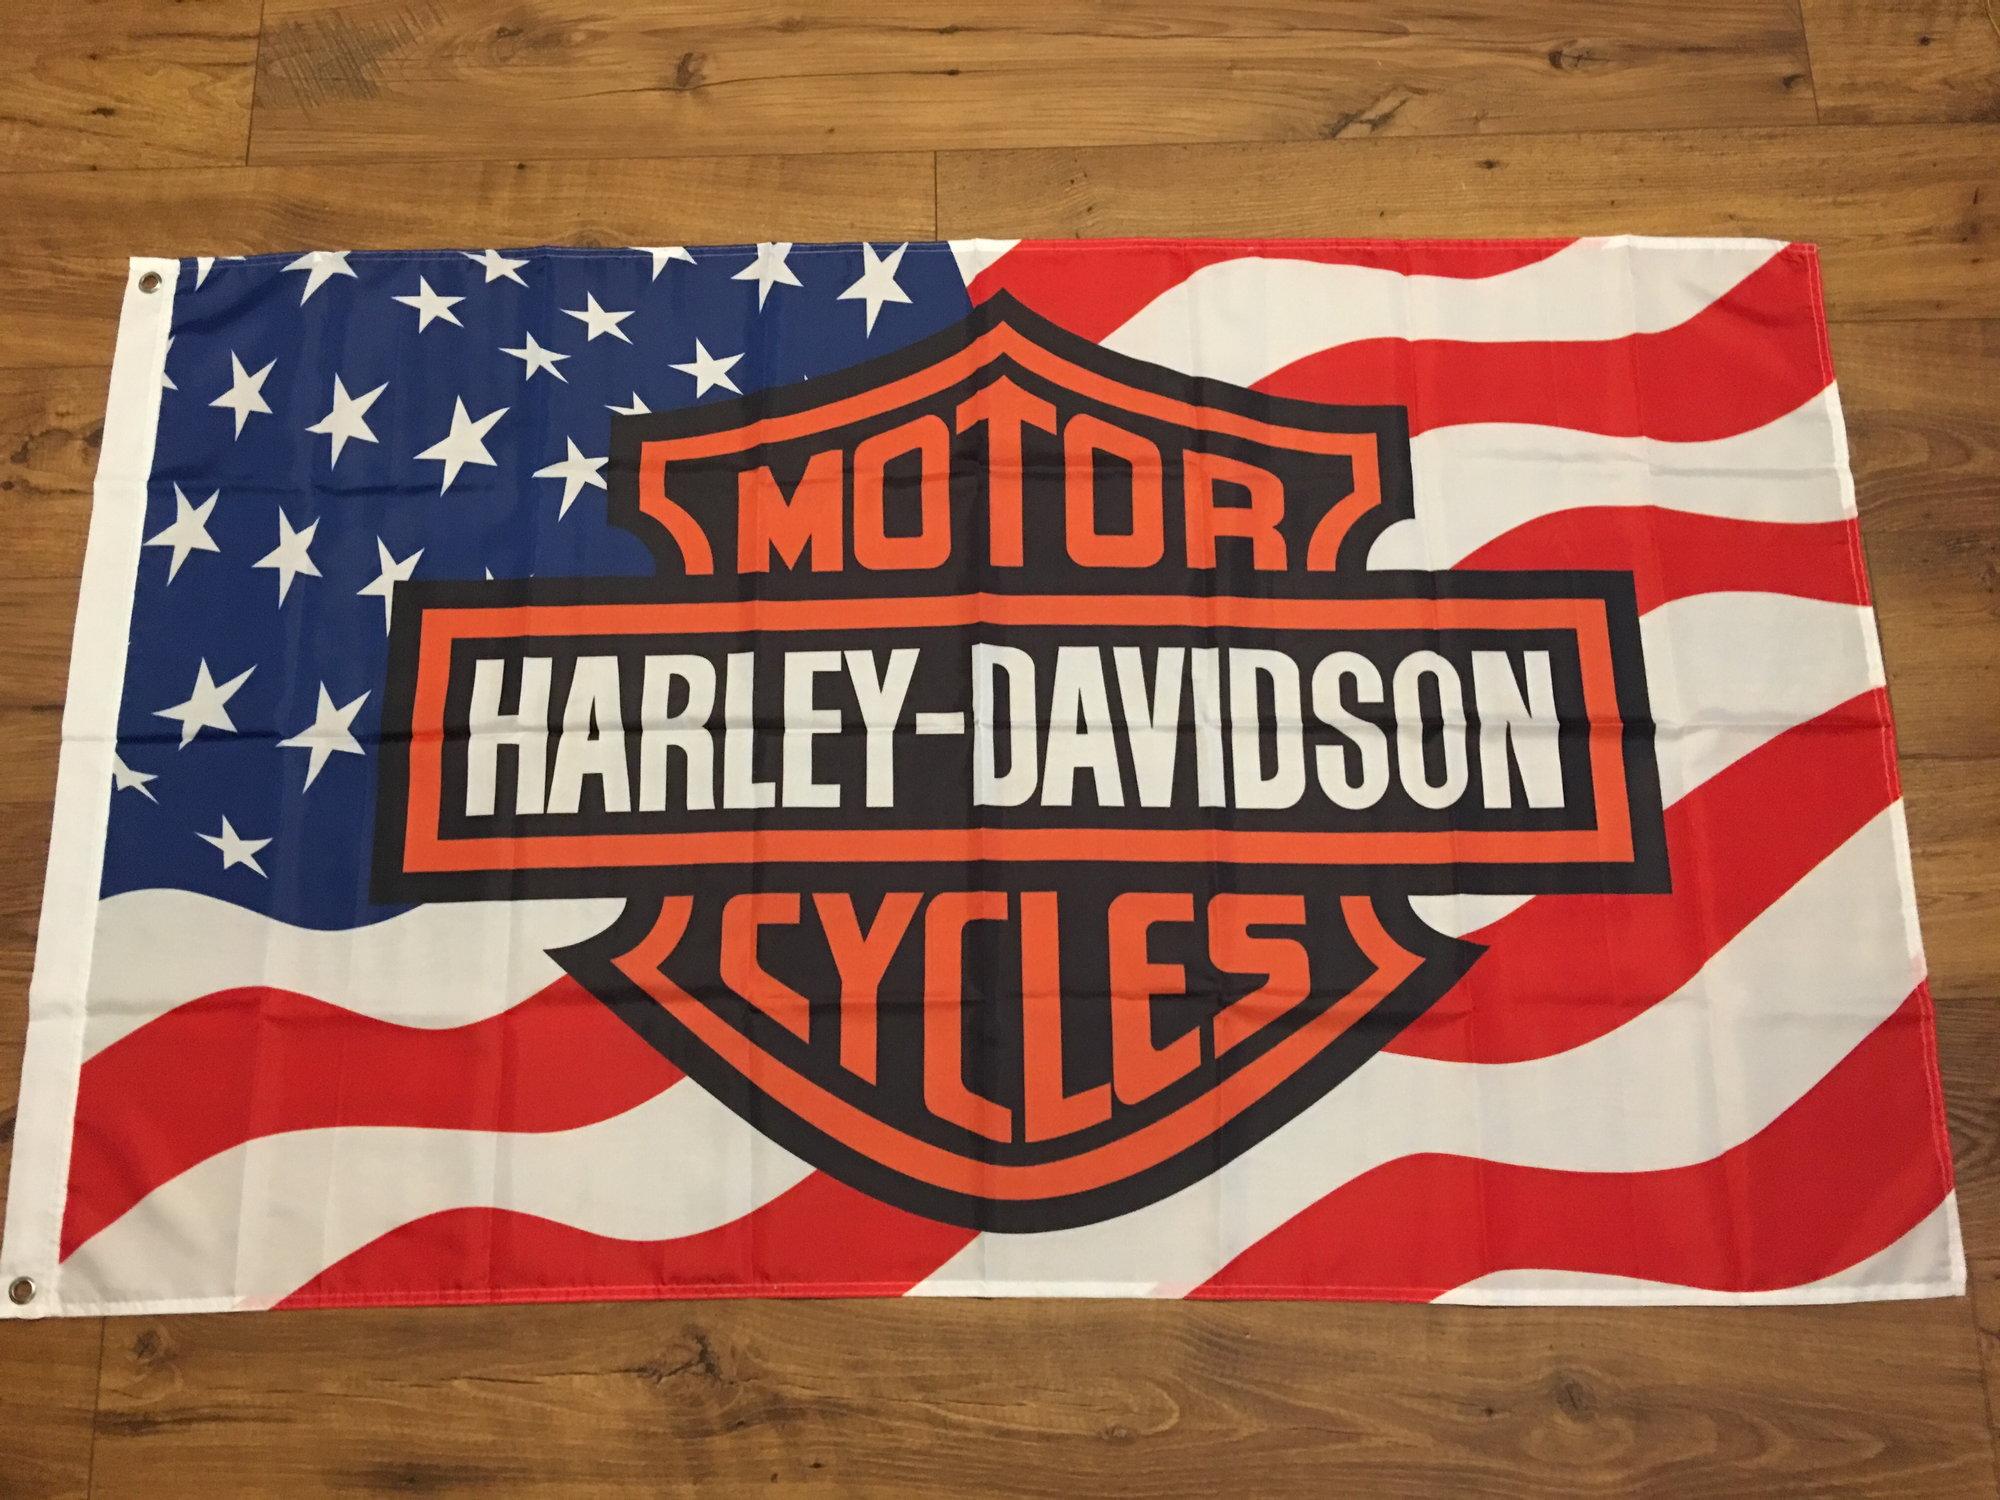 Harley davidson 3x5 flag